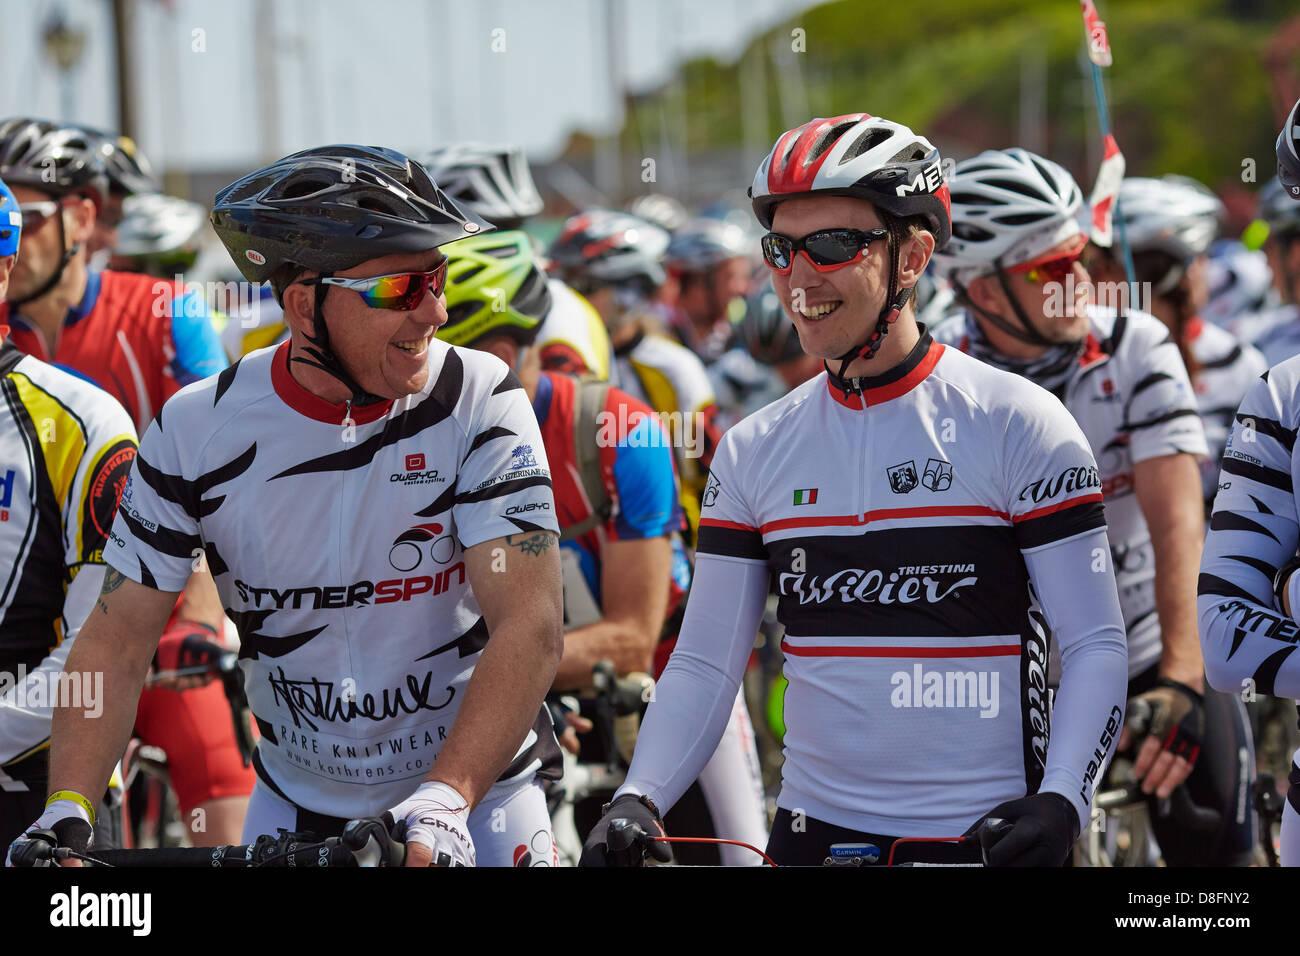 Los ciclistas se preparan para el comienzo del ciclo de costa a costa de Watchet Challenge 2013 en Somerset a Bridport Imagen De Stock